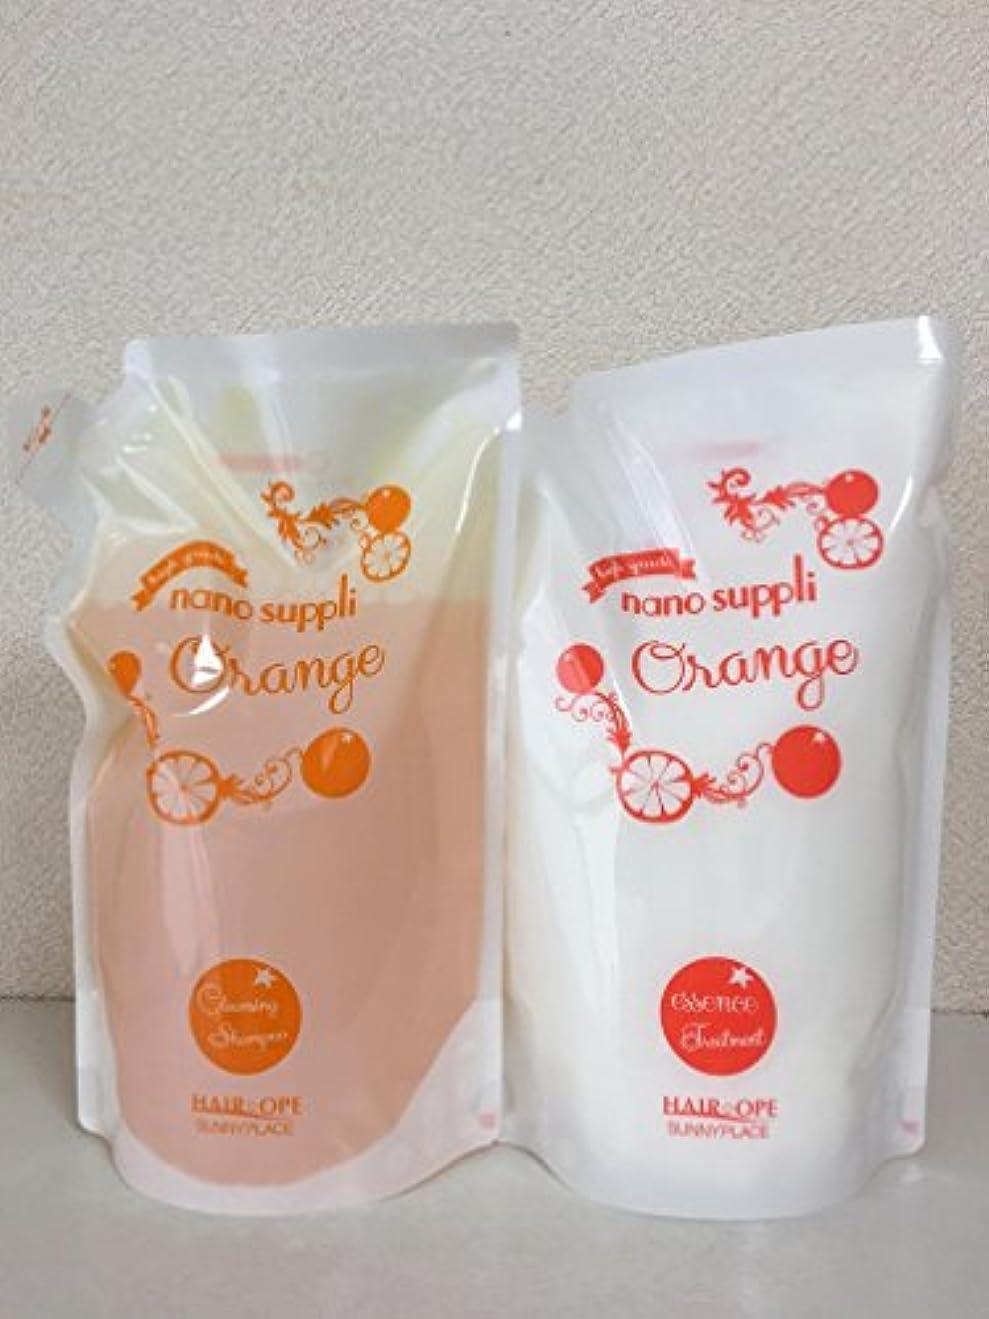 こどもの宮殿欲望トリクルサニープレイス ナノサプリ クレンジングシャンプー&コンディショナー オレンジ 800ml詰替えセット